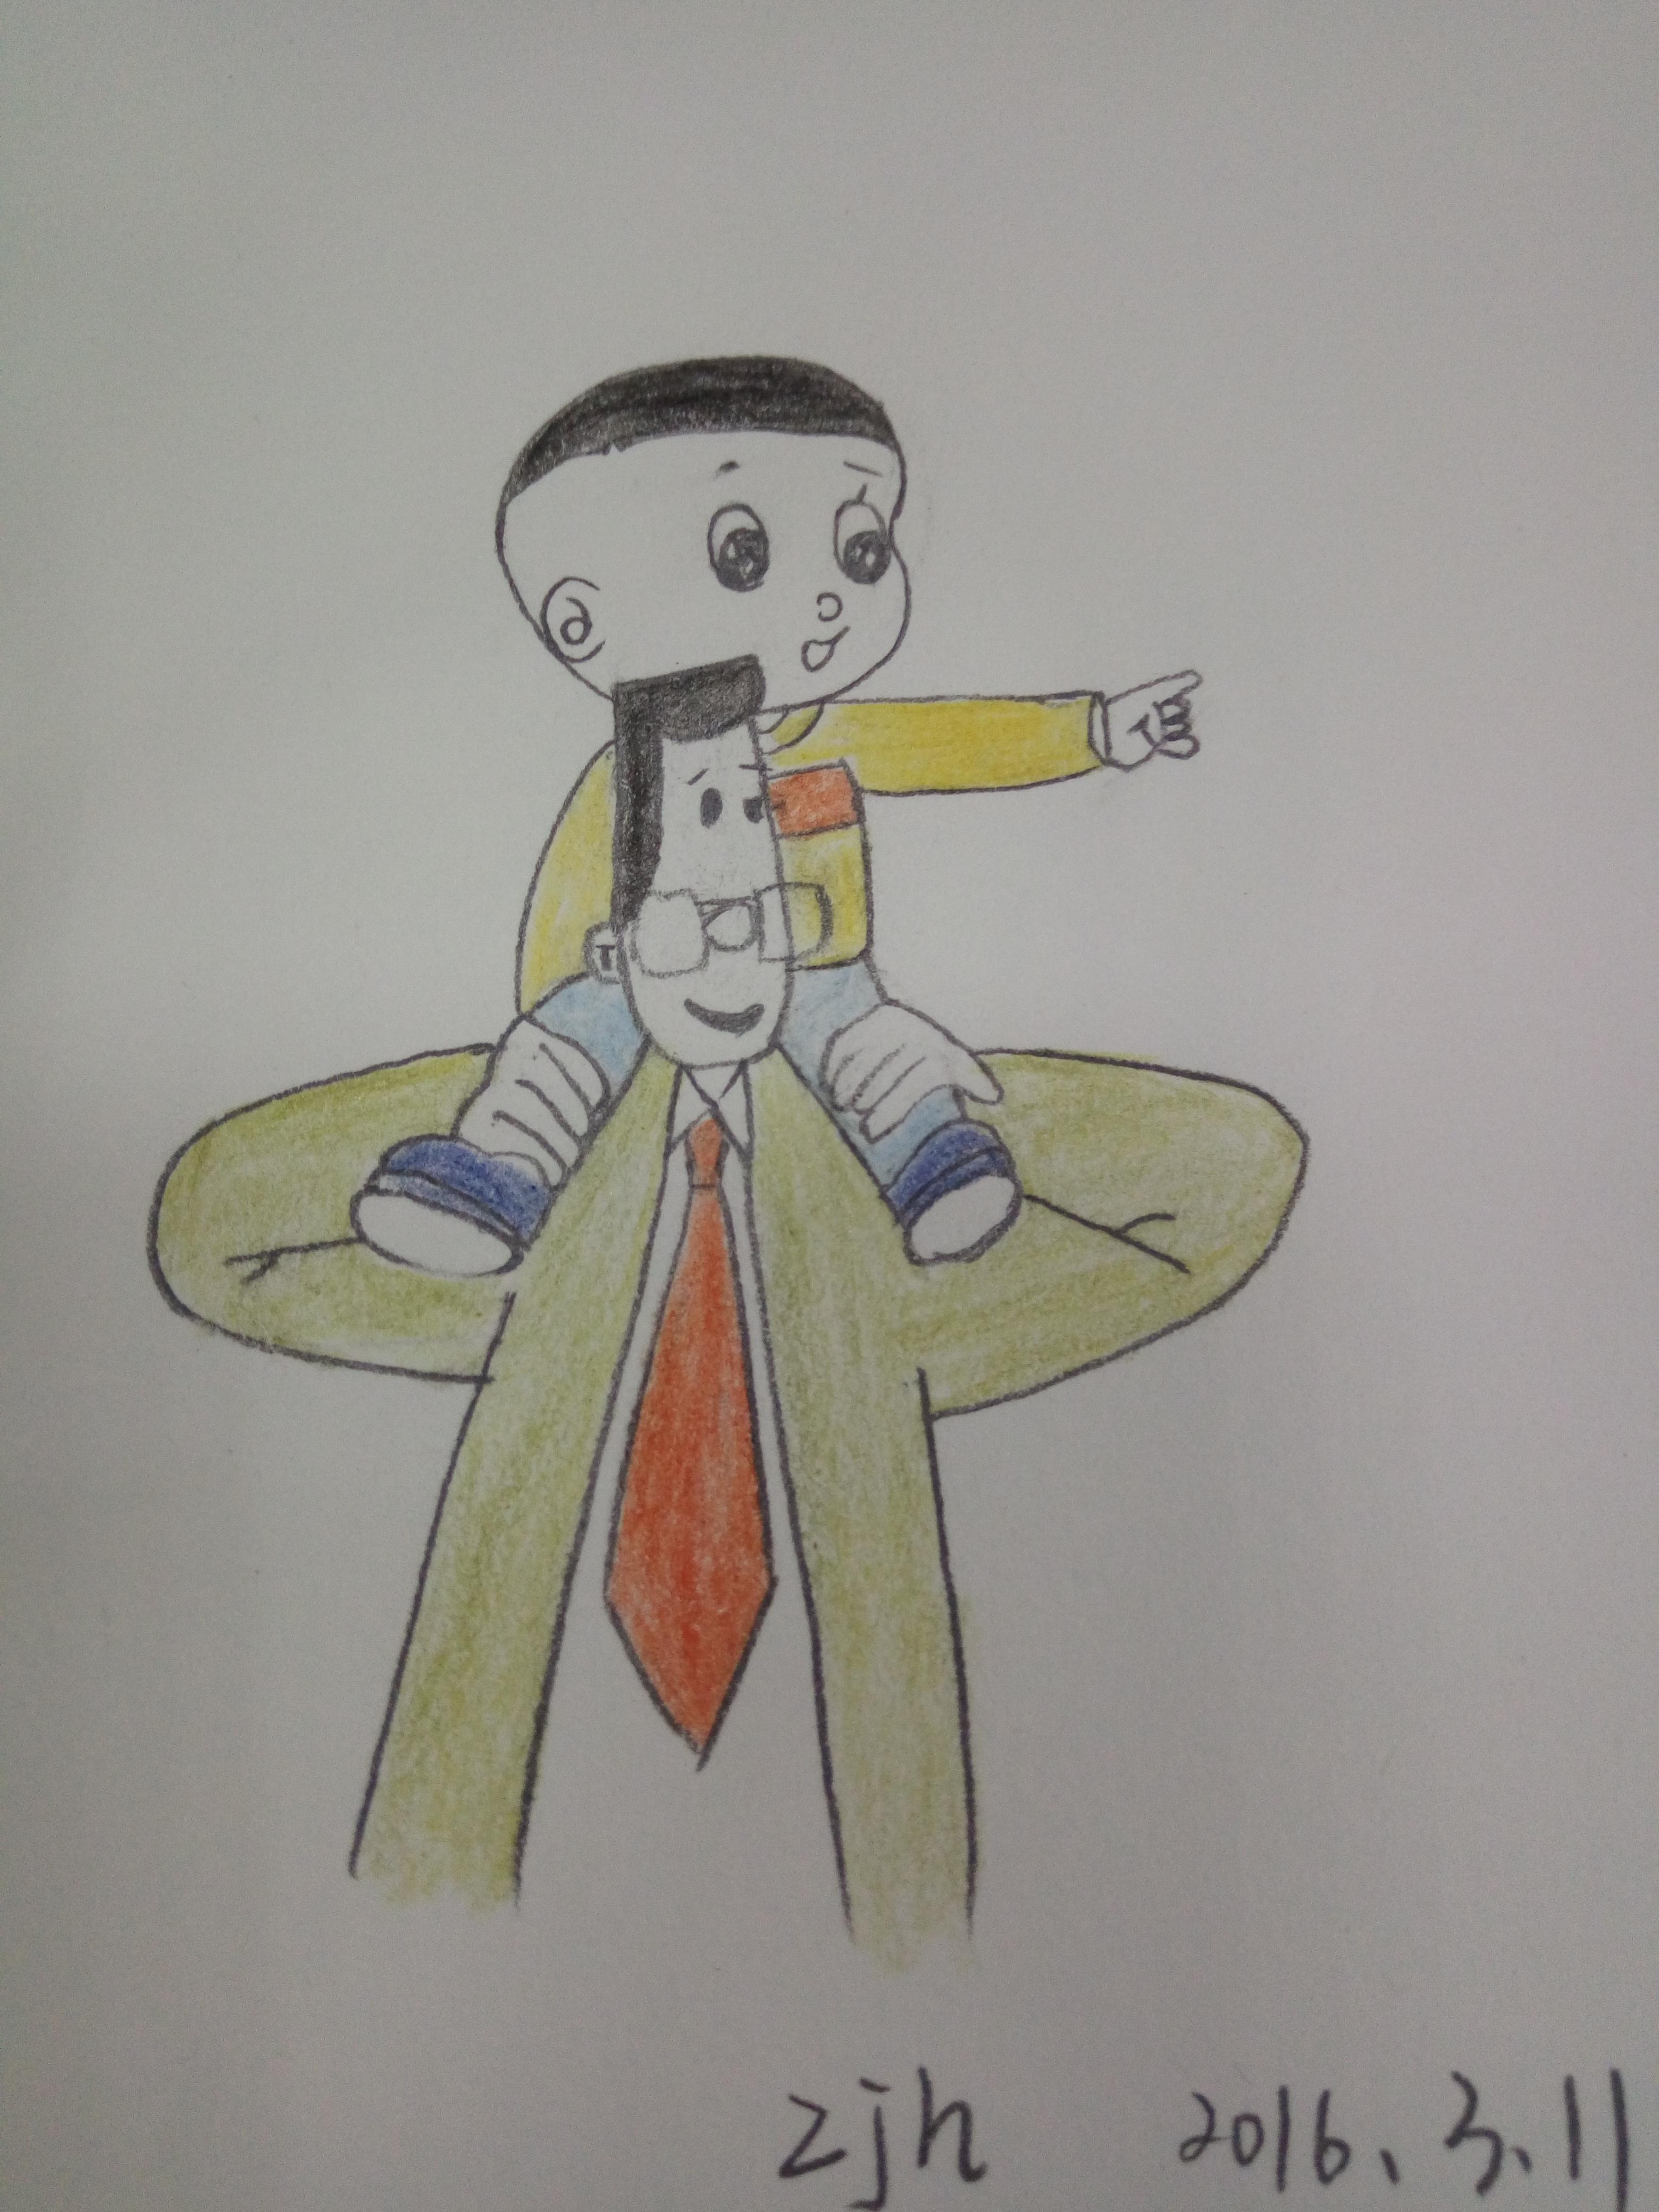 坚持画画|插画|插画习作|海绵宝宝v5 - 原创作品图片